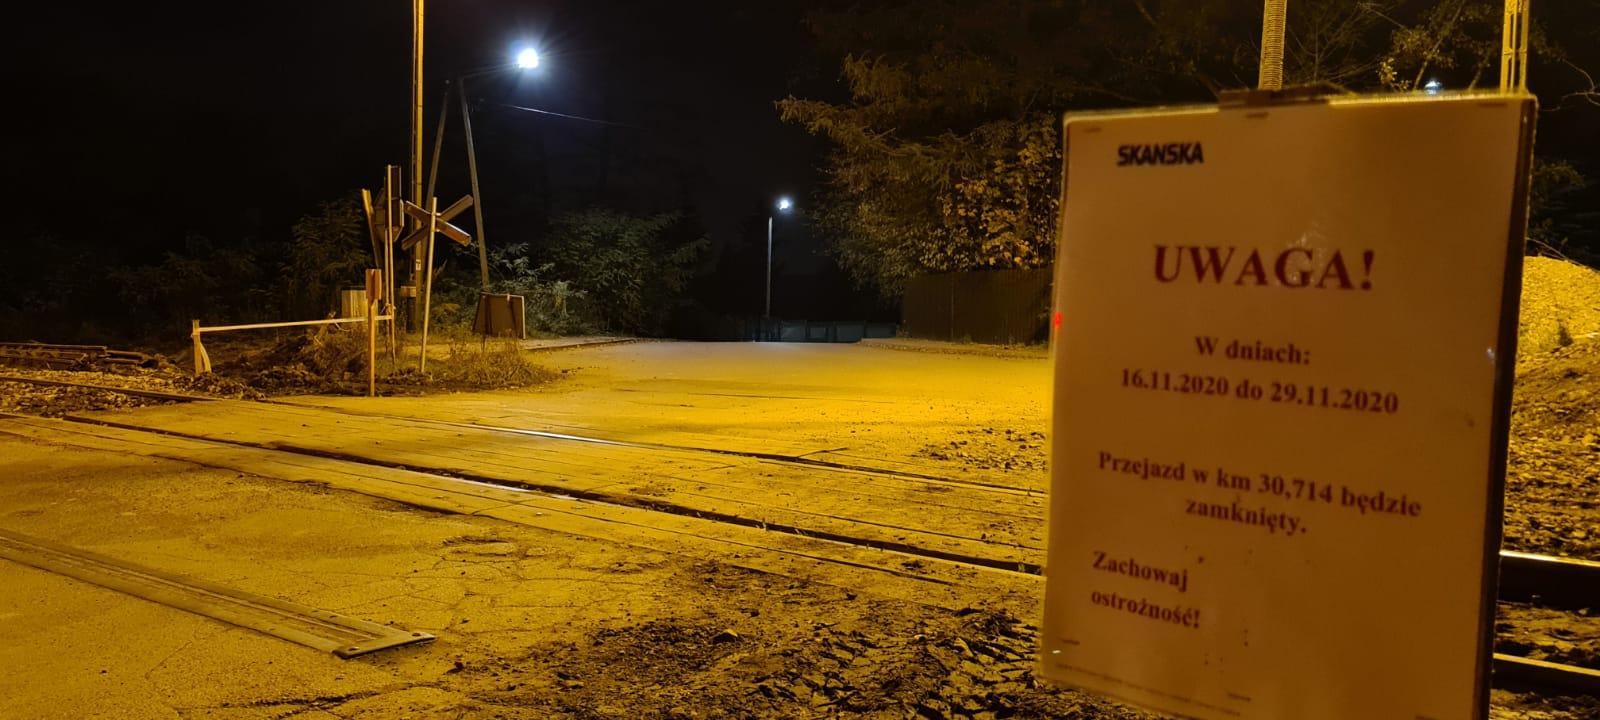 2 tygodnie objazdów. Zamknięty przejazd na osiedle w Andrychowie